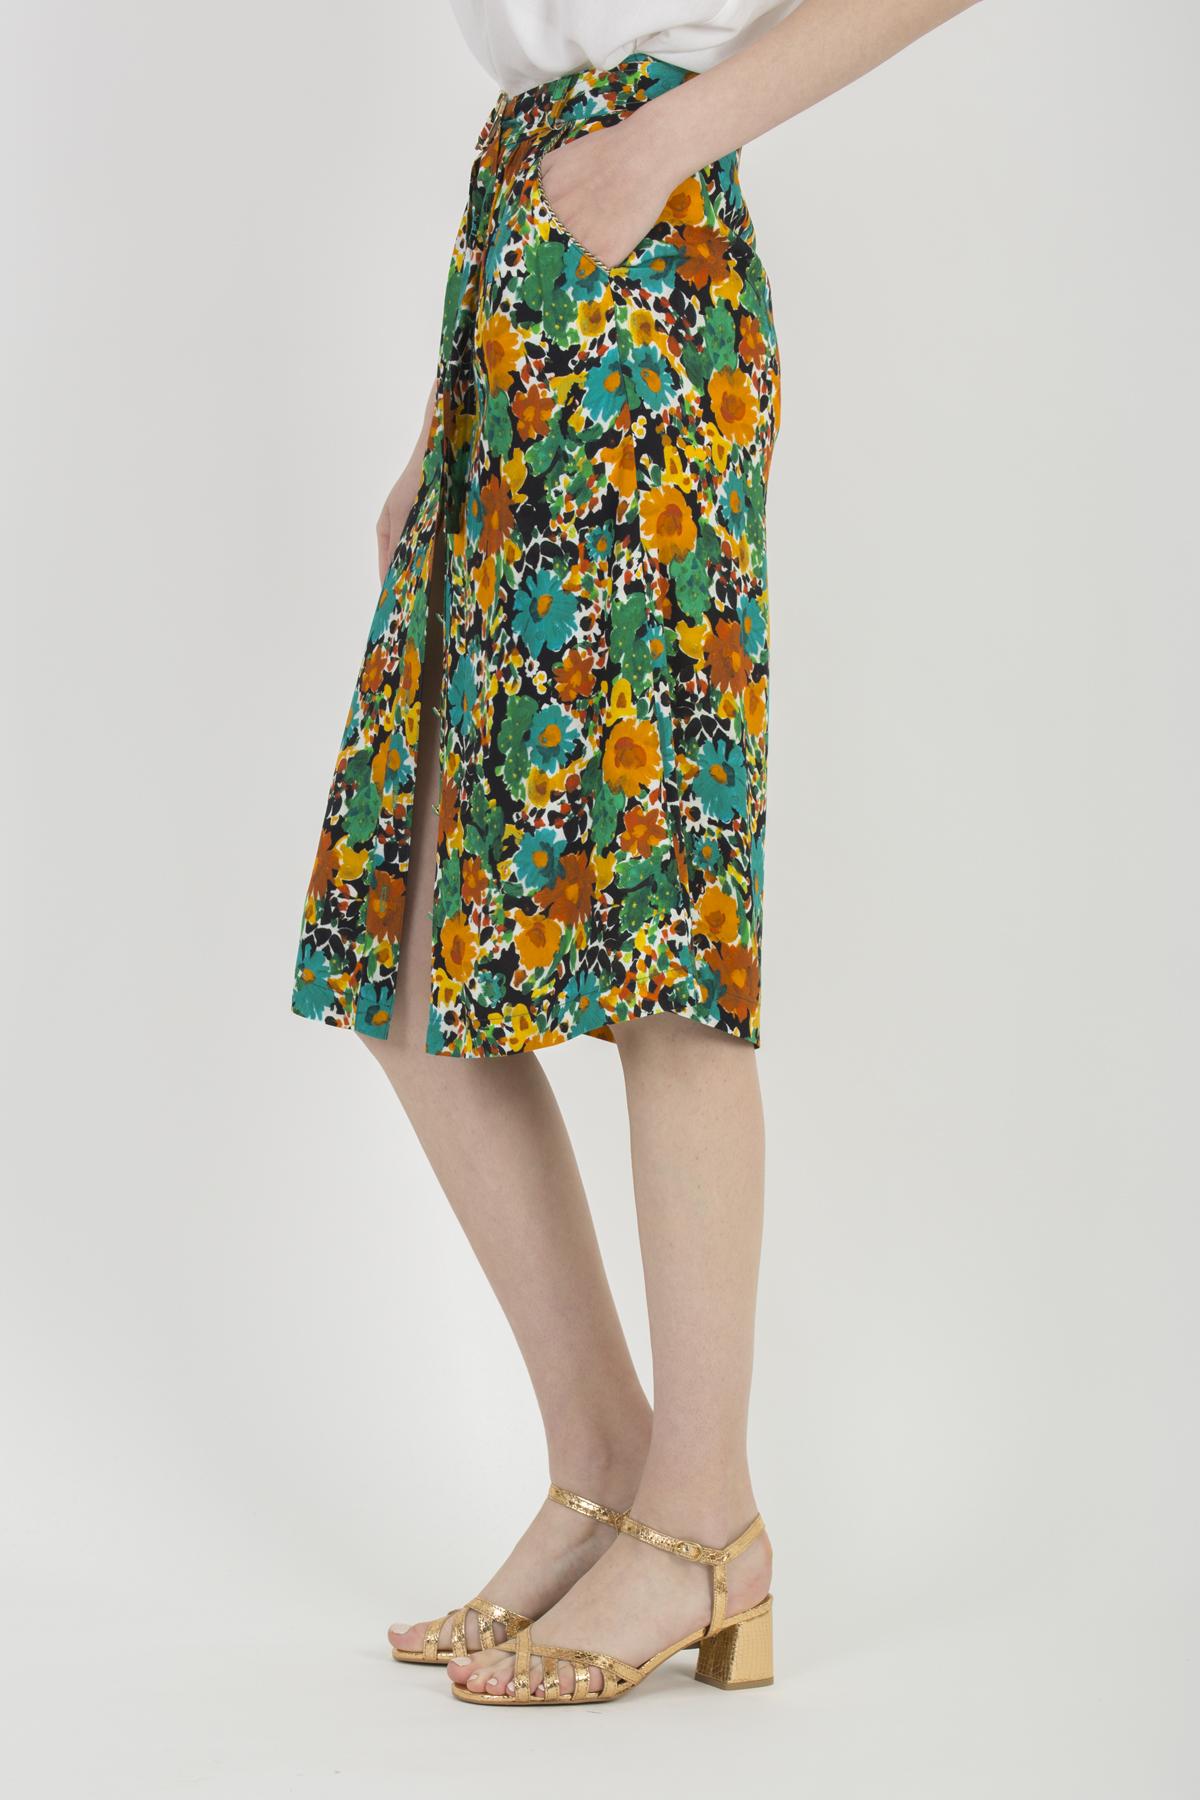 jouet-skirt-la-petite-francaise-floral-cotton-matchboxathens